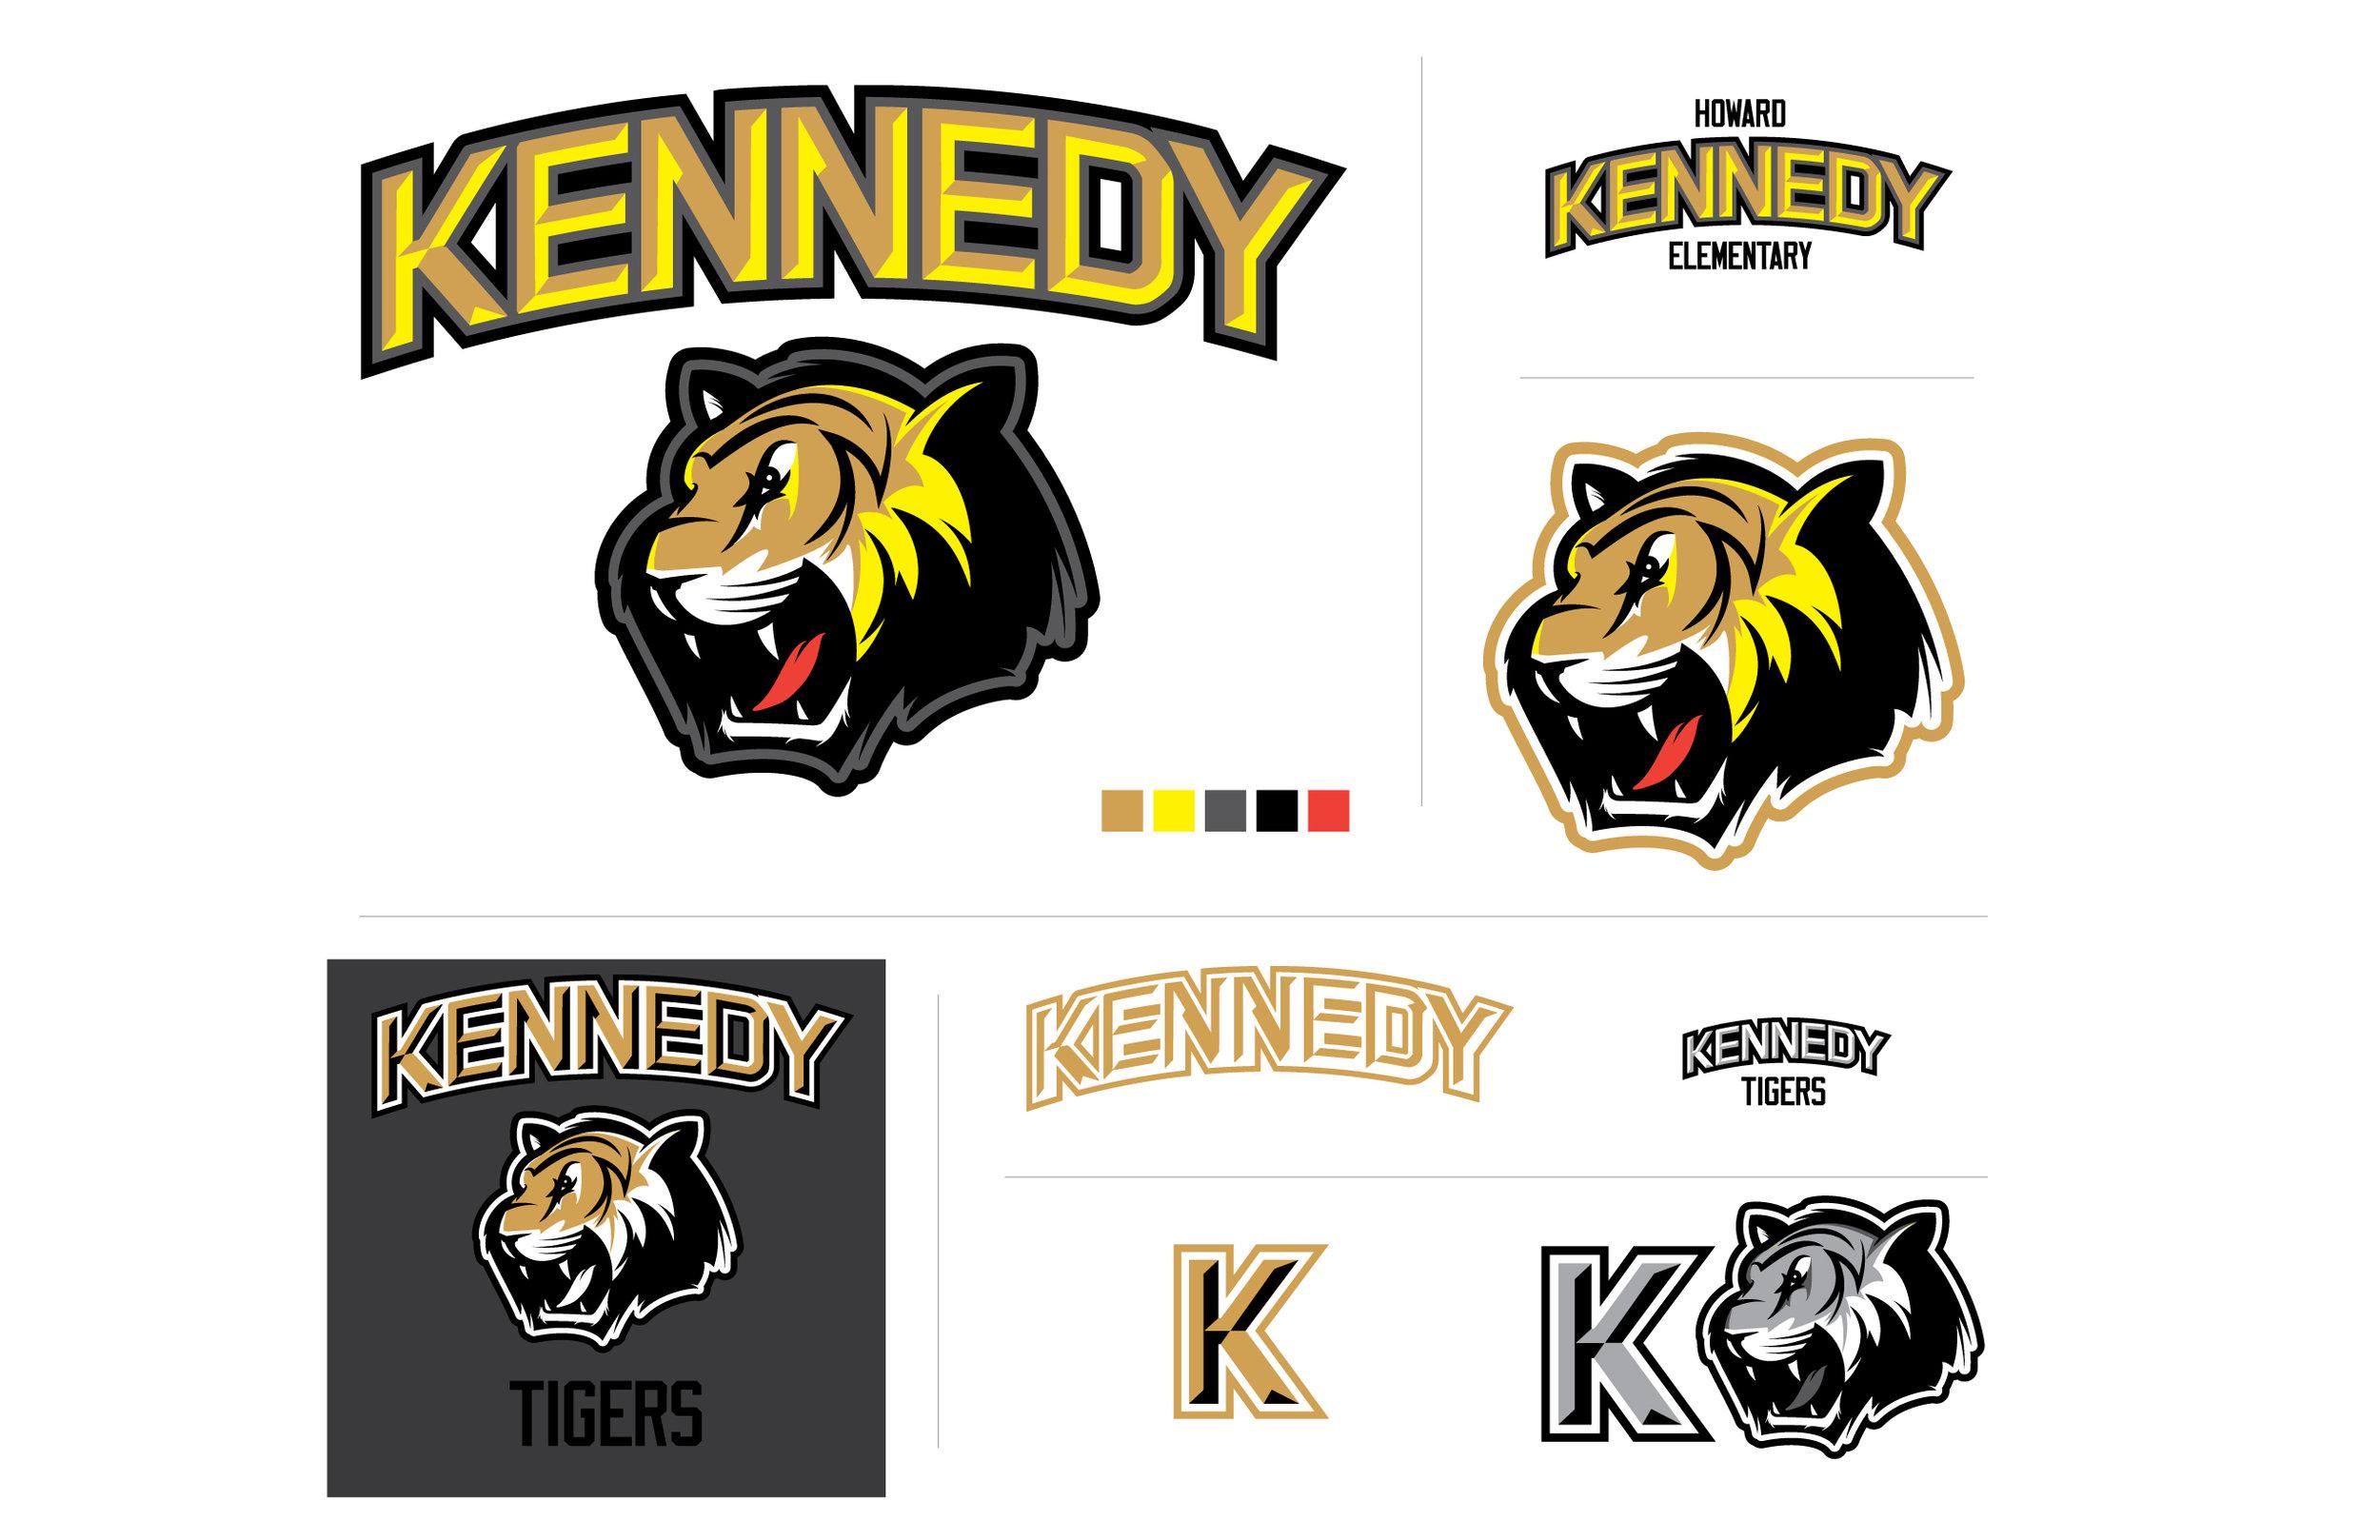 KNNDY-1.jpg